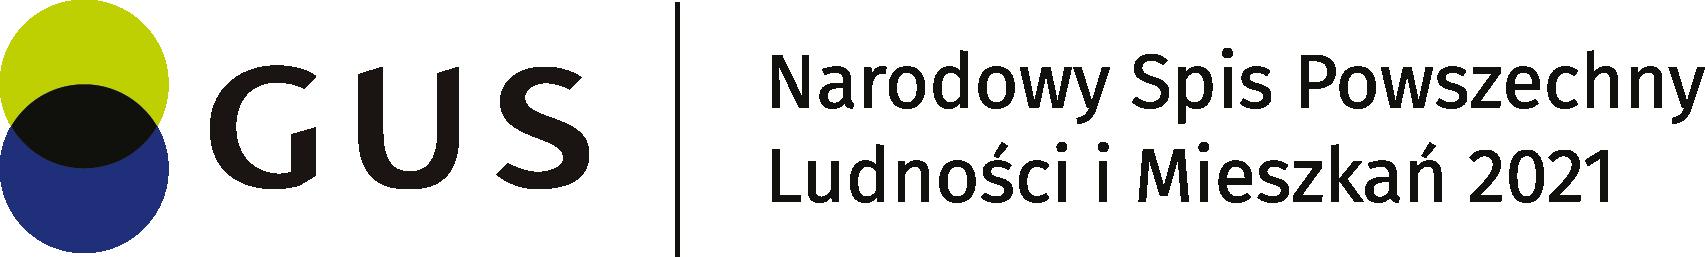 logo-nsp-pene